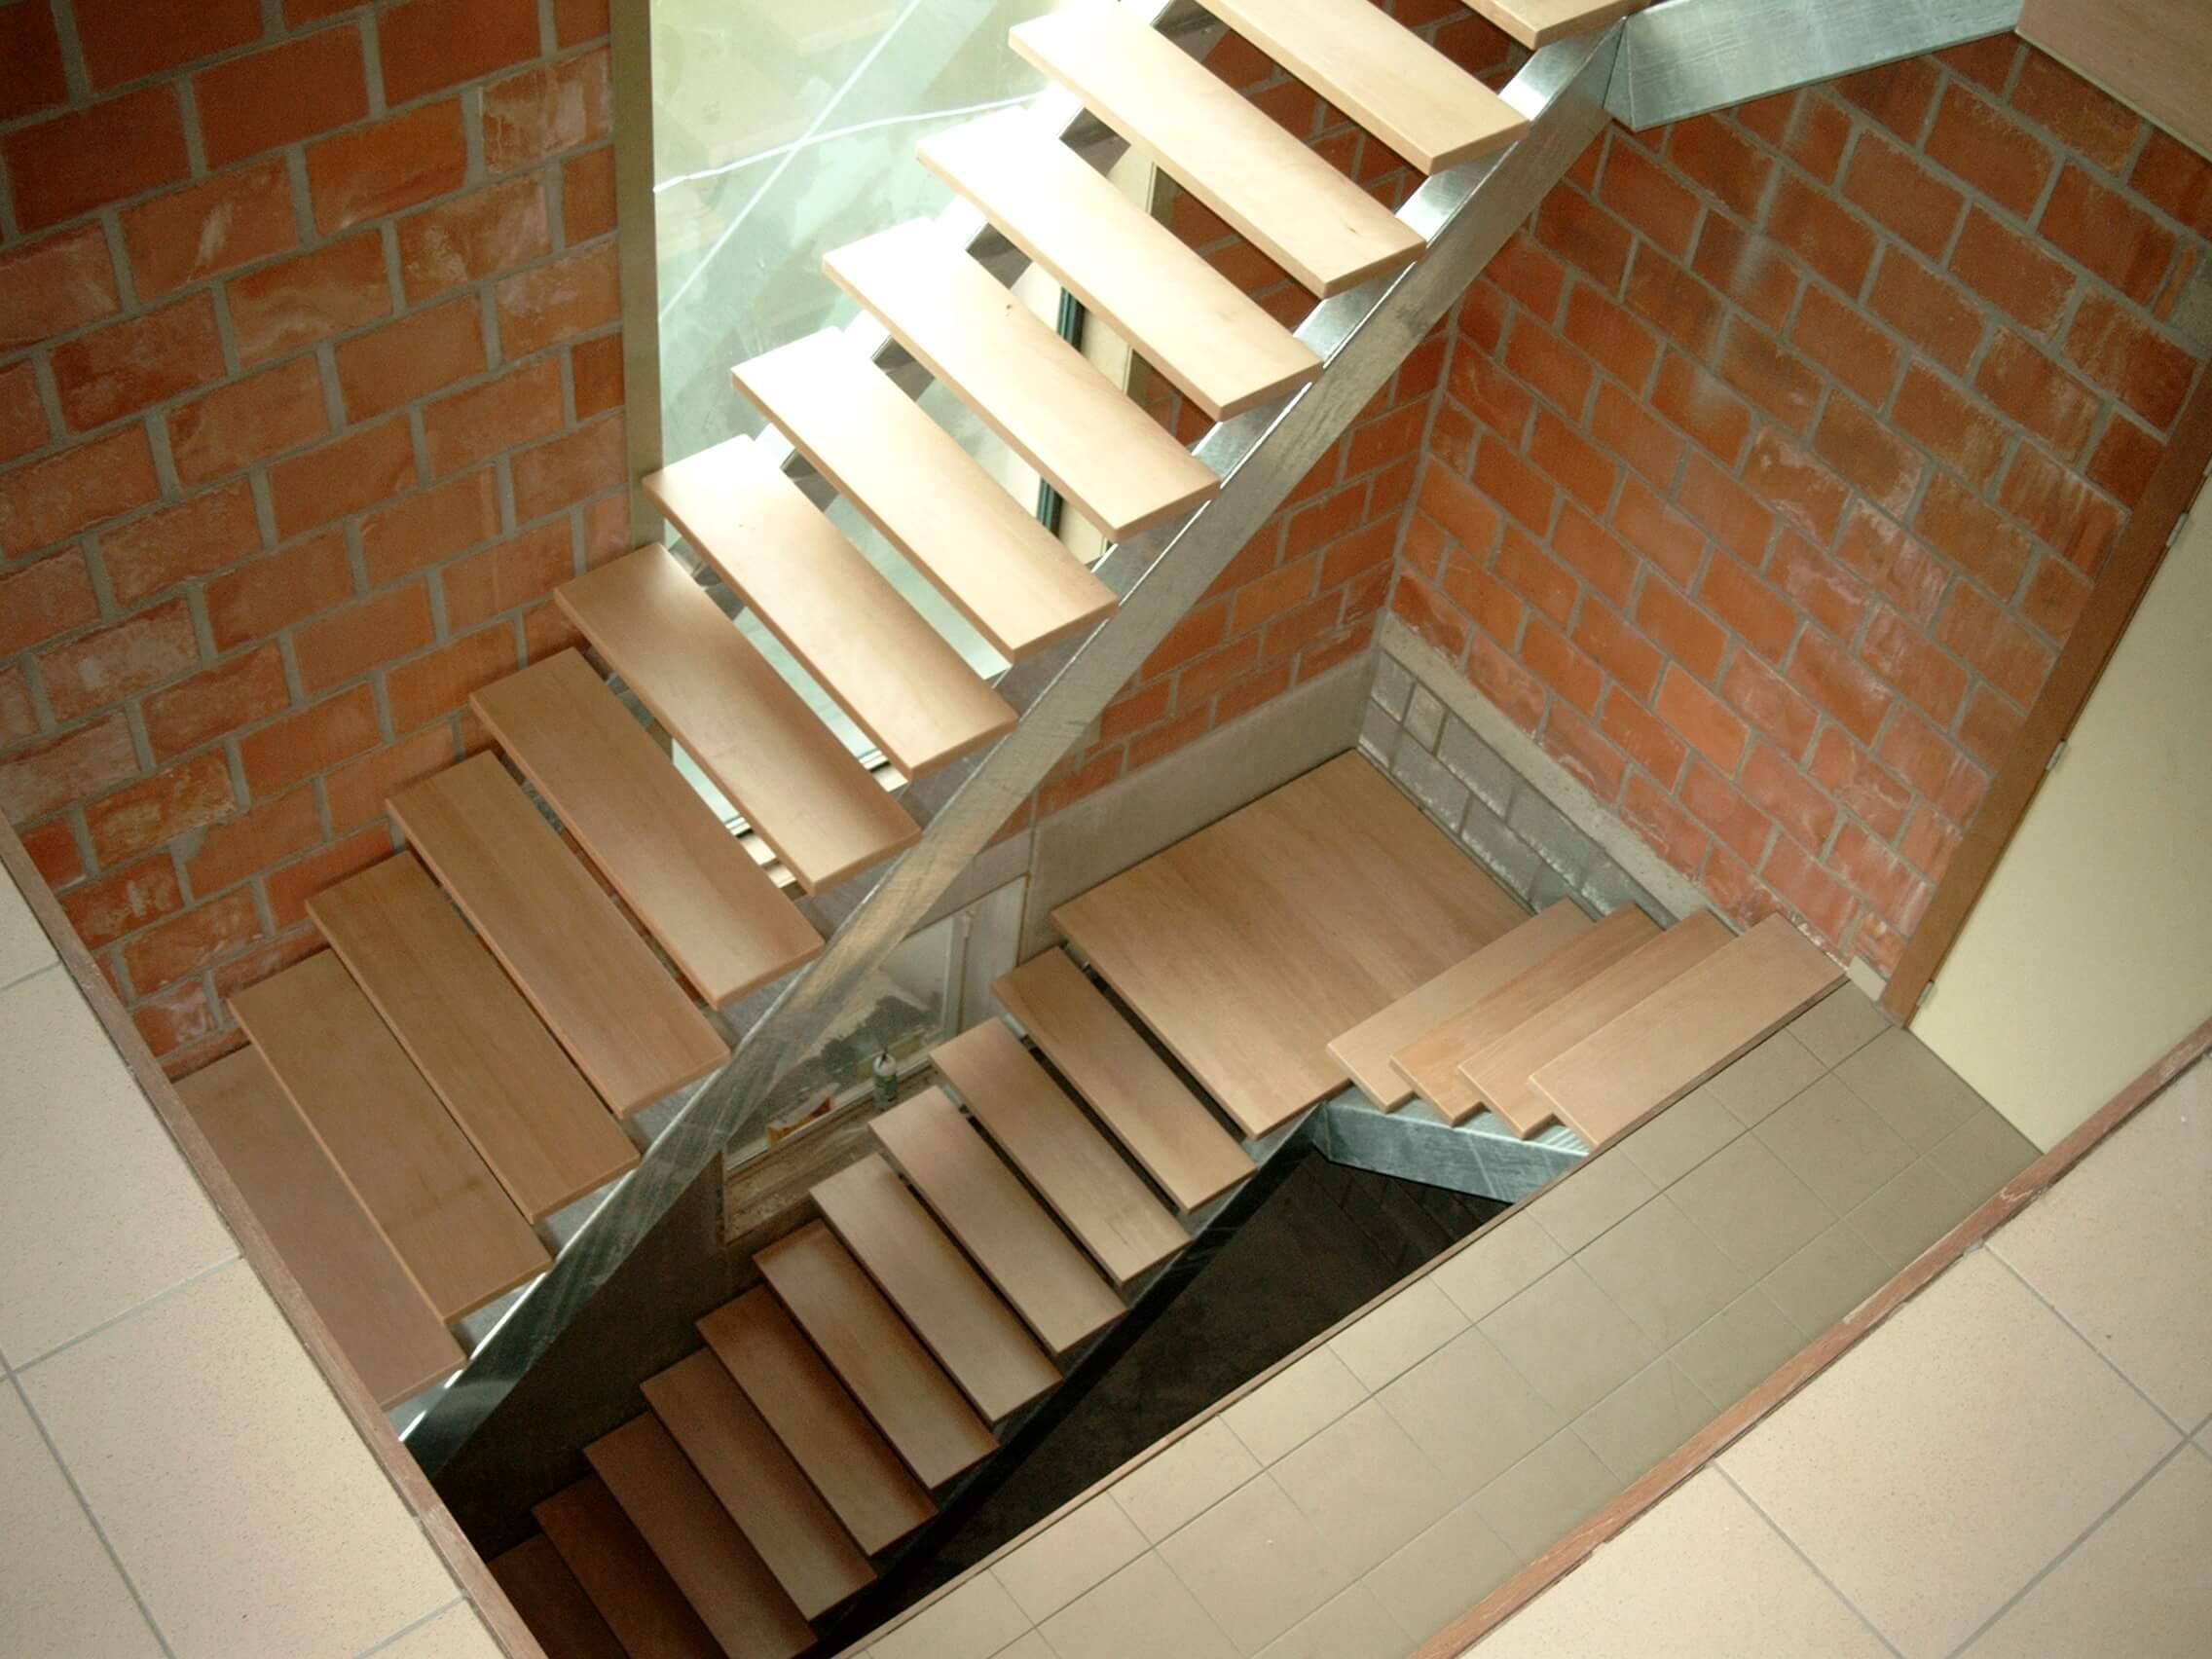 Metalen loopbrug naar voordeur metaalwerken limburg trappen hekwerk poorten leuningen - Metalen trap ...